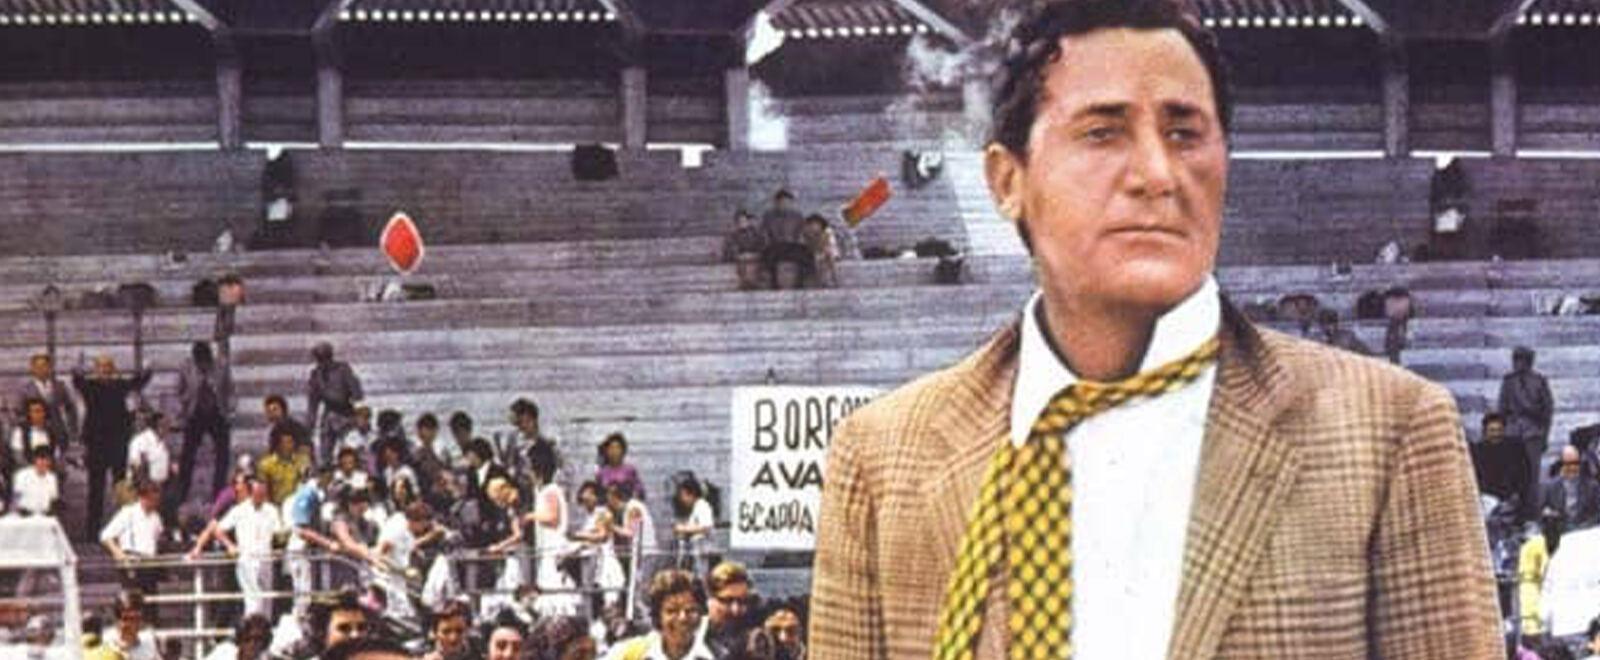 Il presidente del Borgorosso Football Club